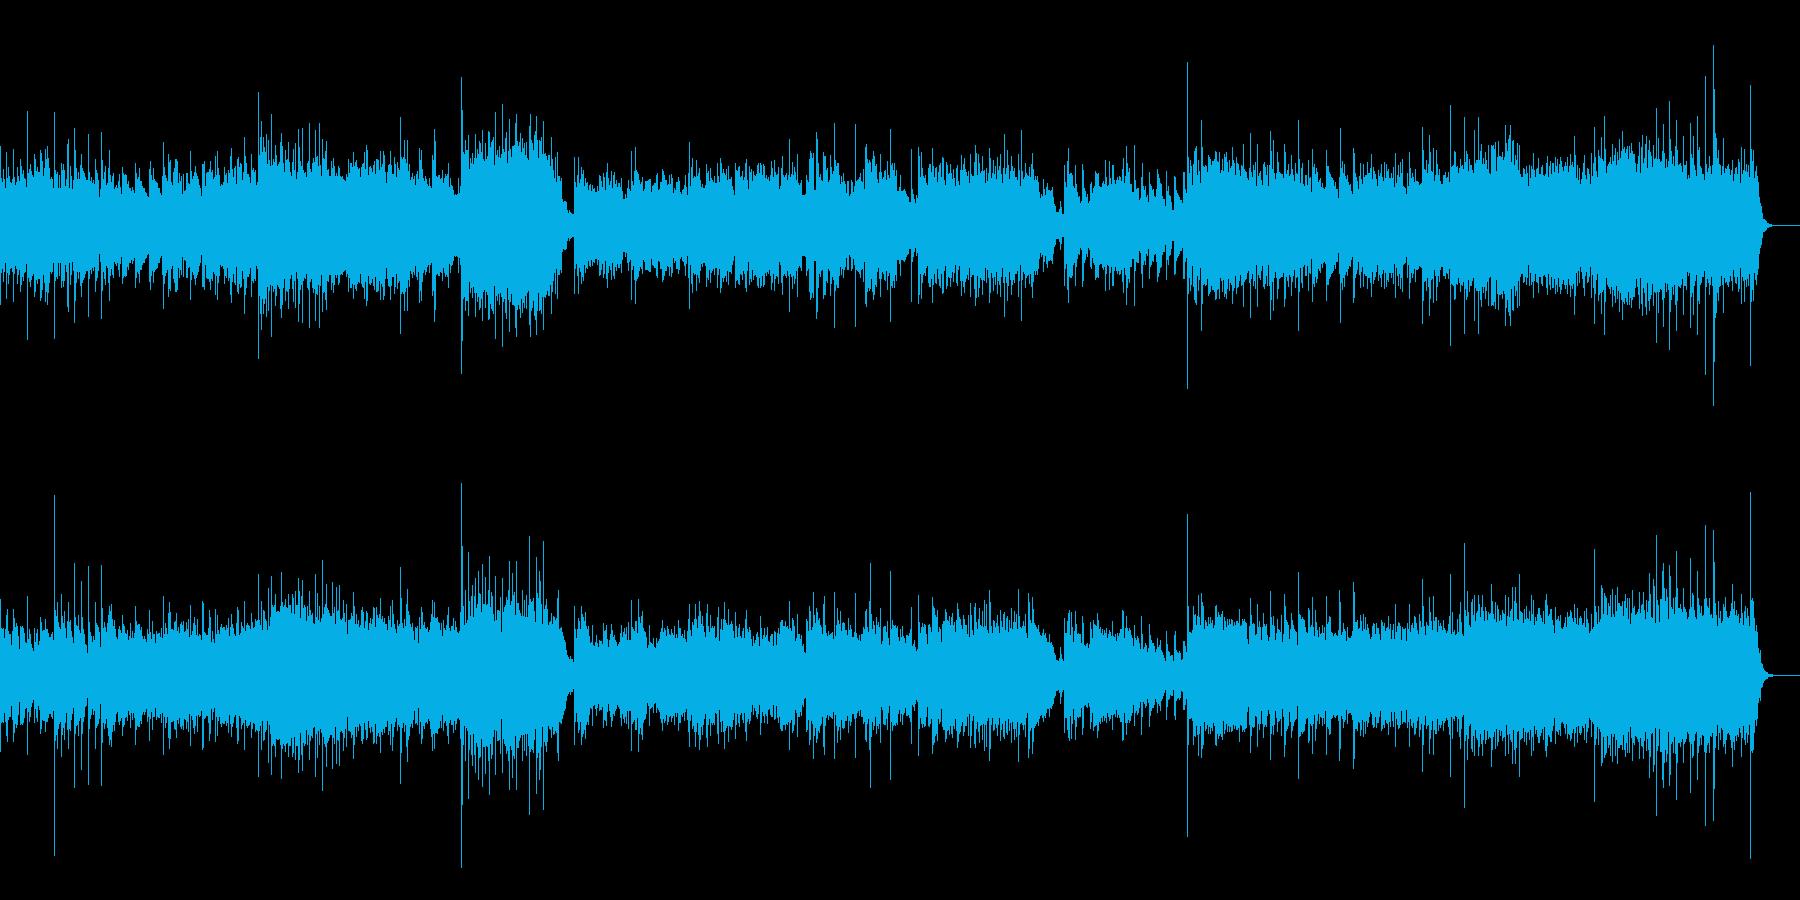 小組曲より第二楽章行列(シンセ版)の再生済みの波形